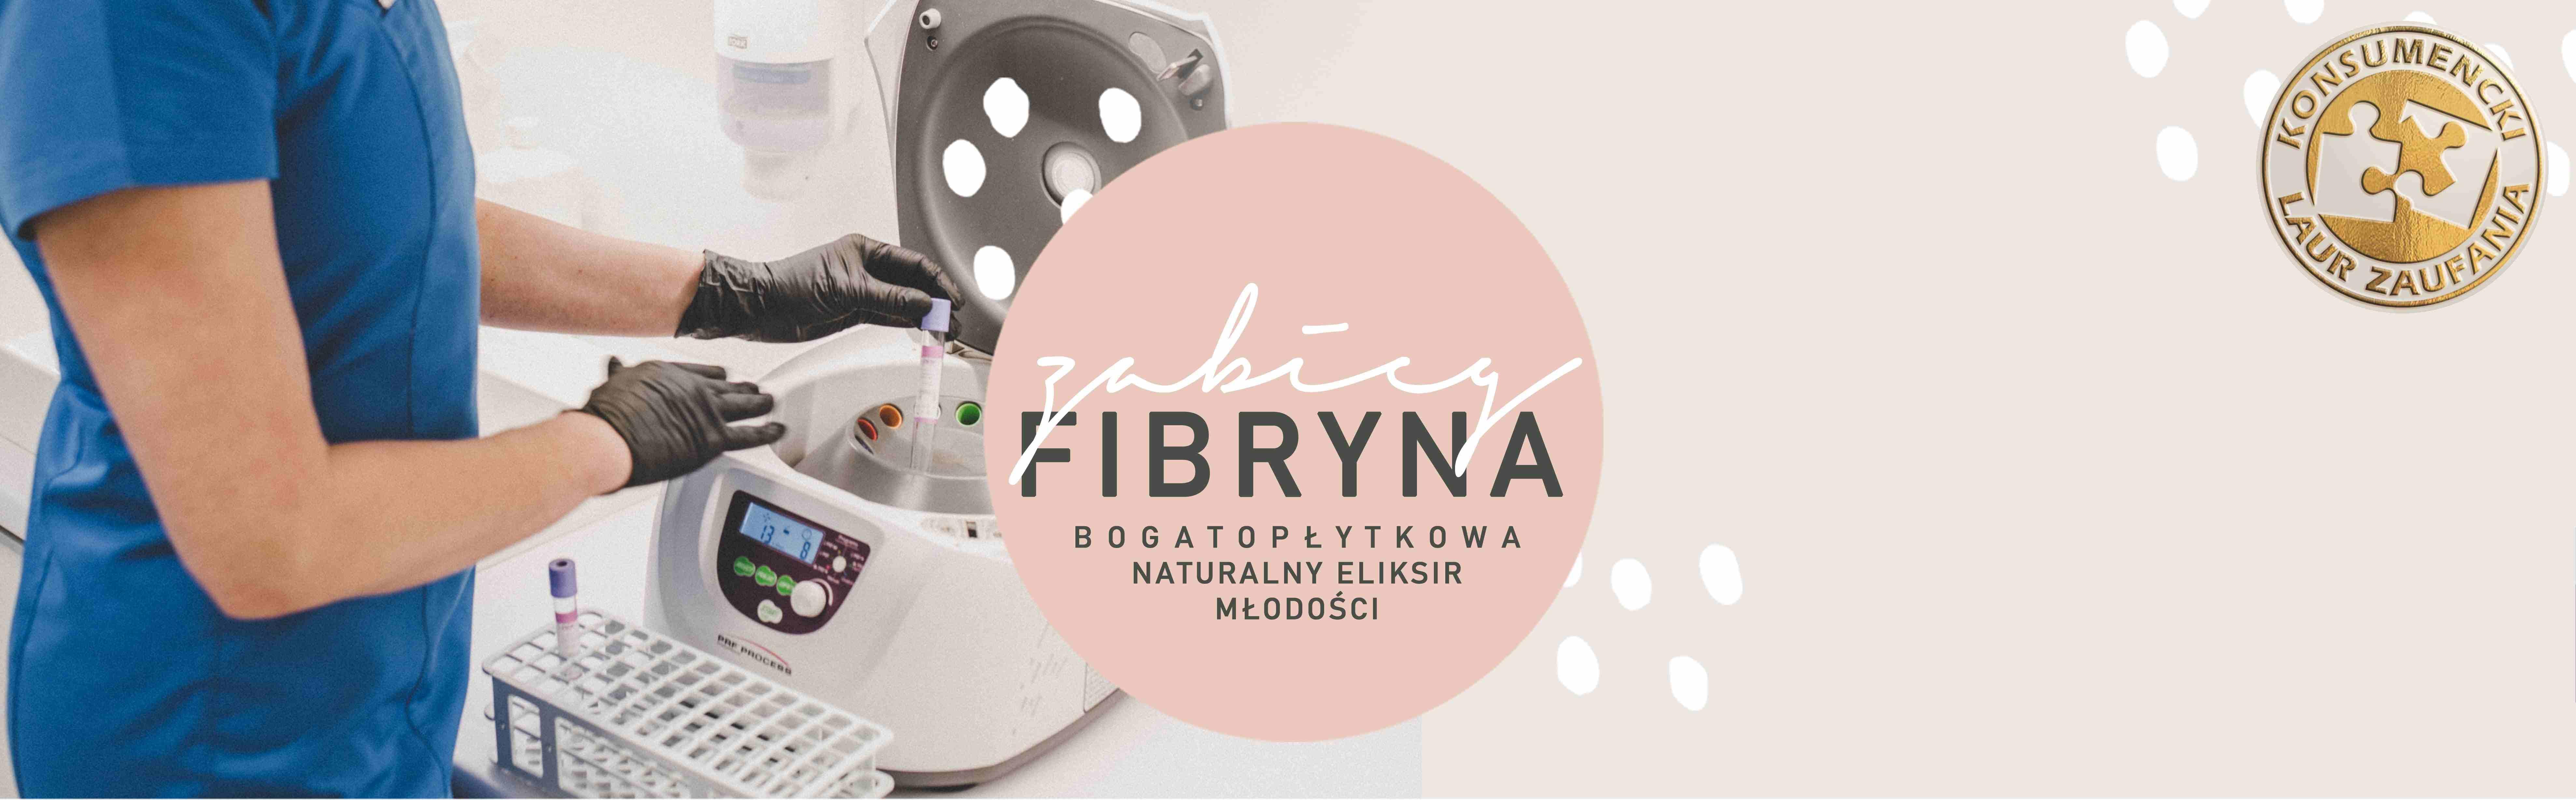 Fibryna bogatopłytkowa